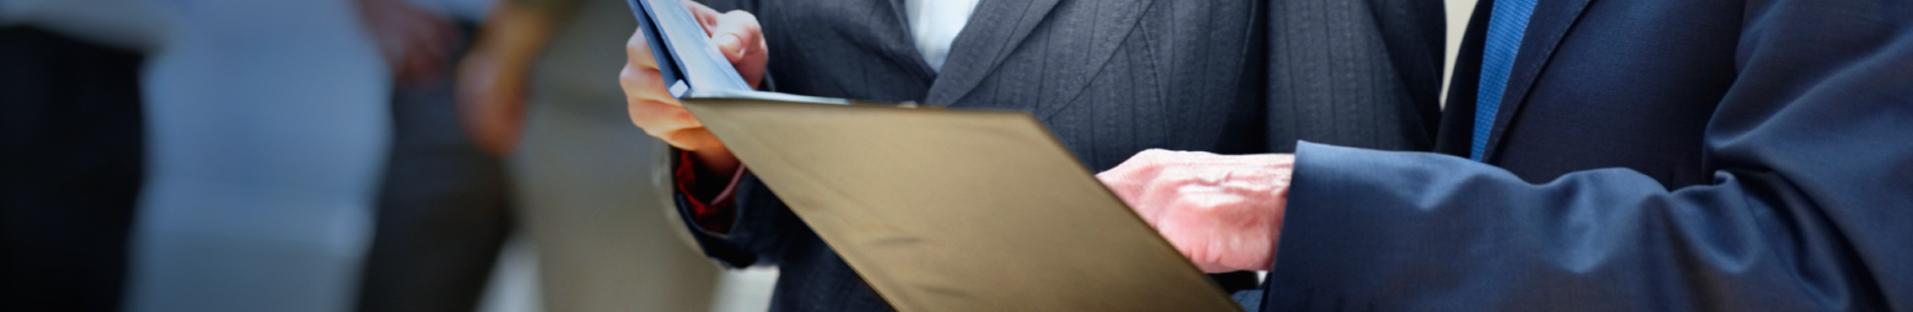 AYCE Consulting - Al servicio de la empresa y al lado de las personas